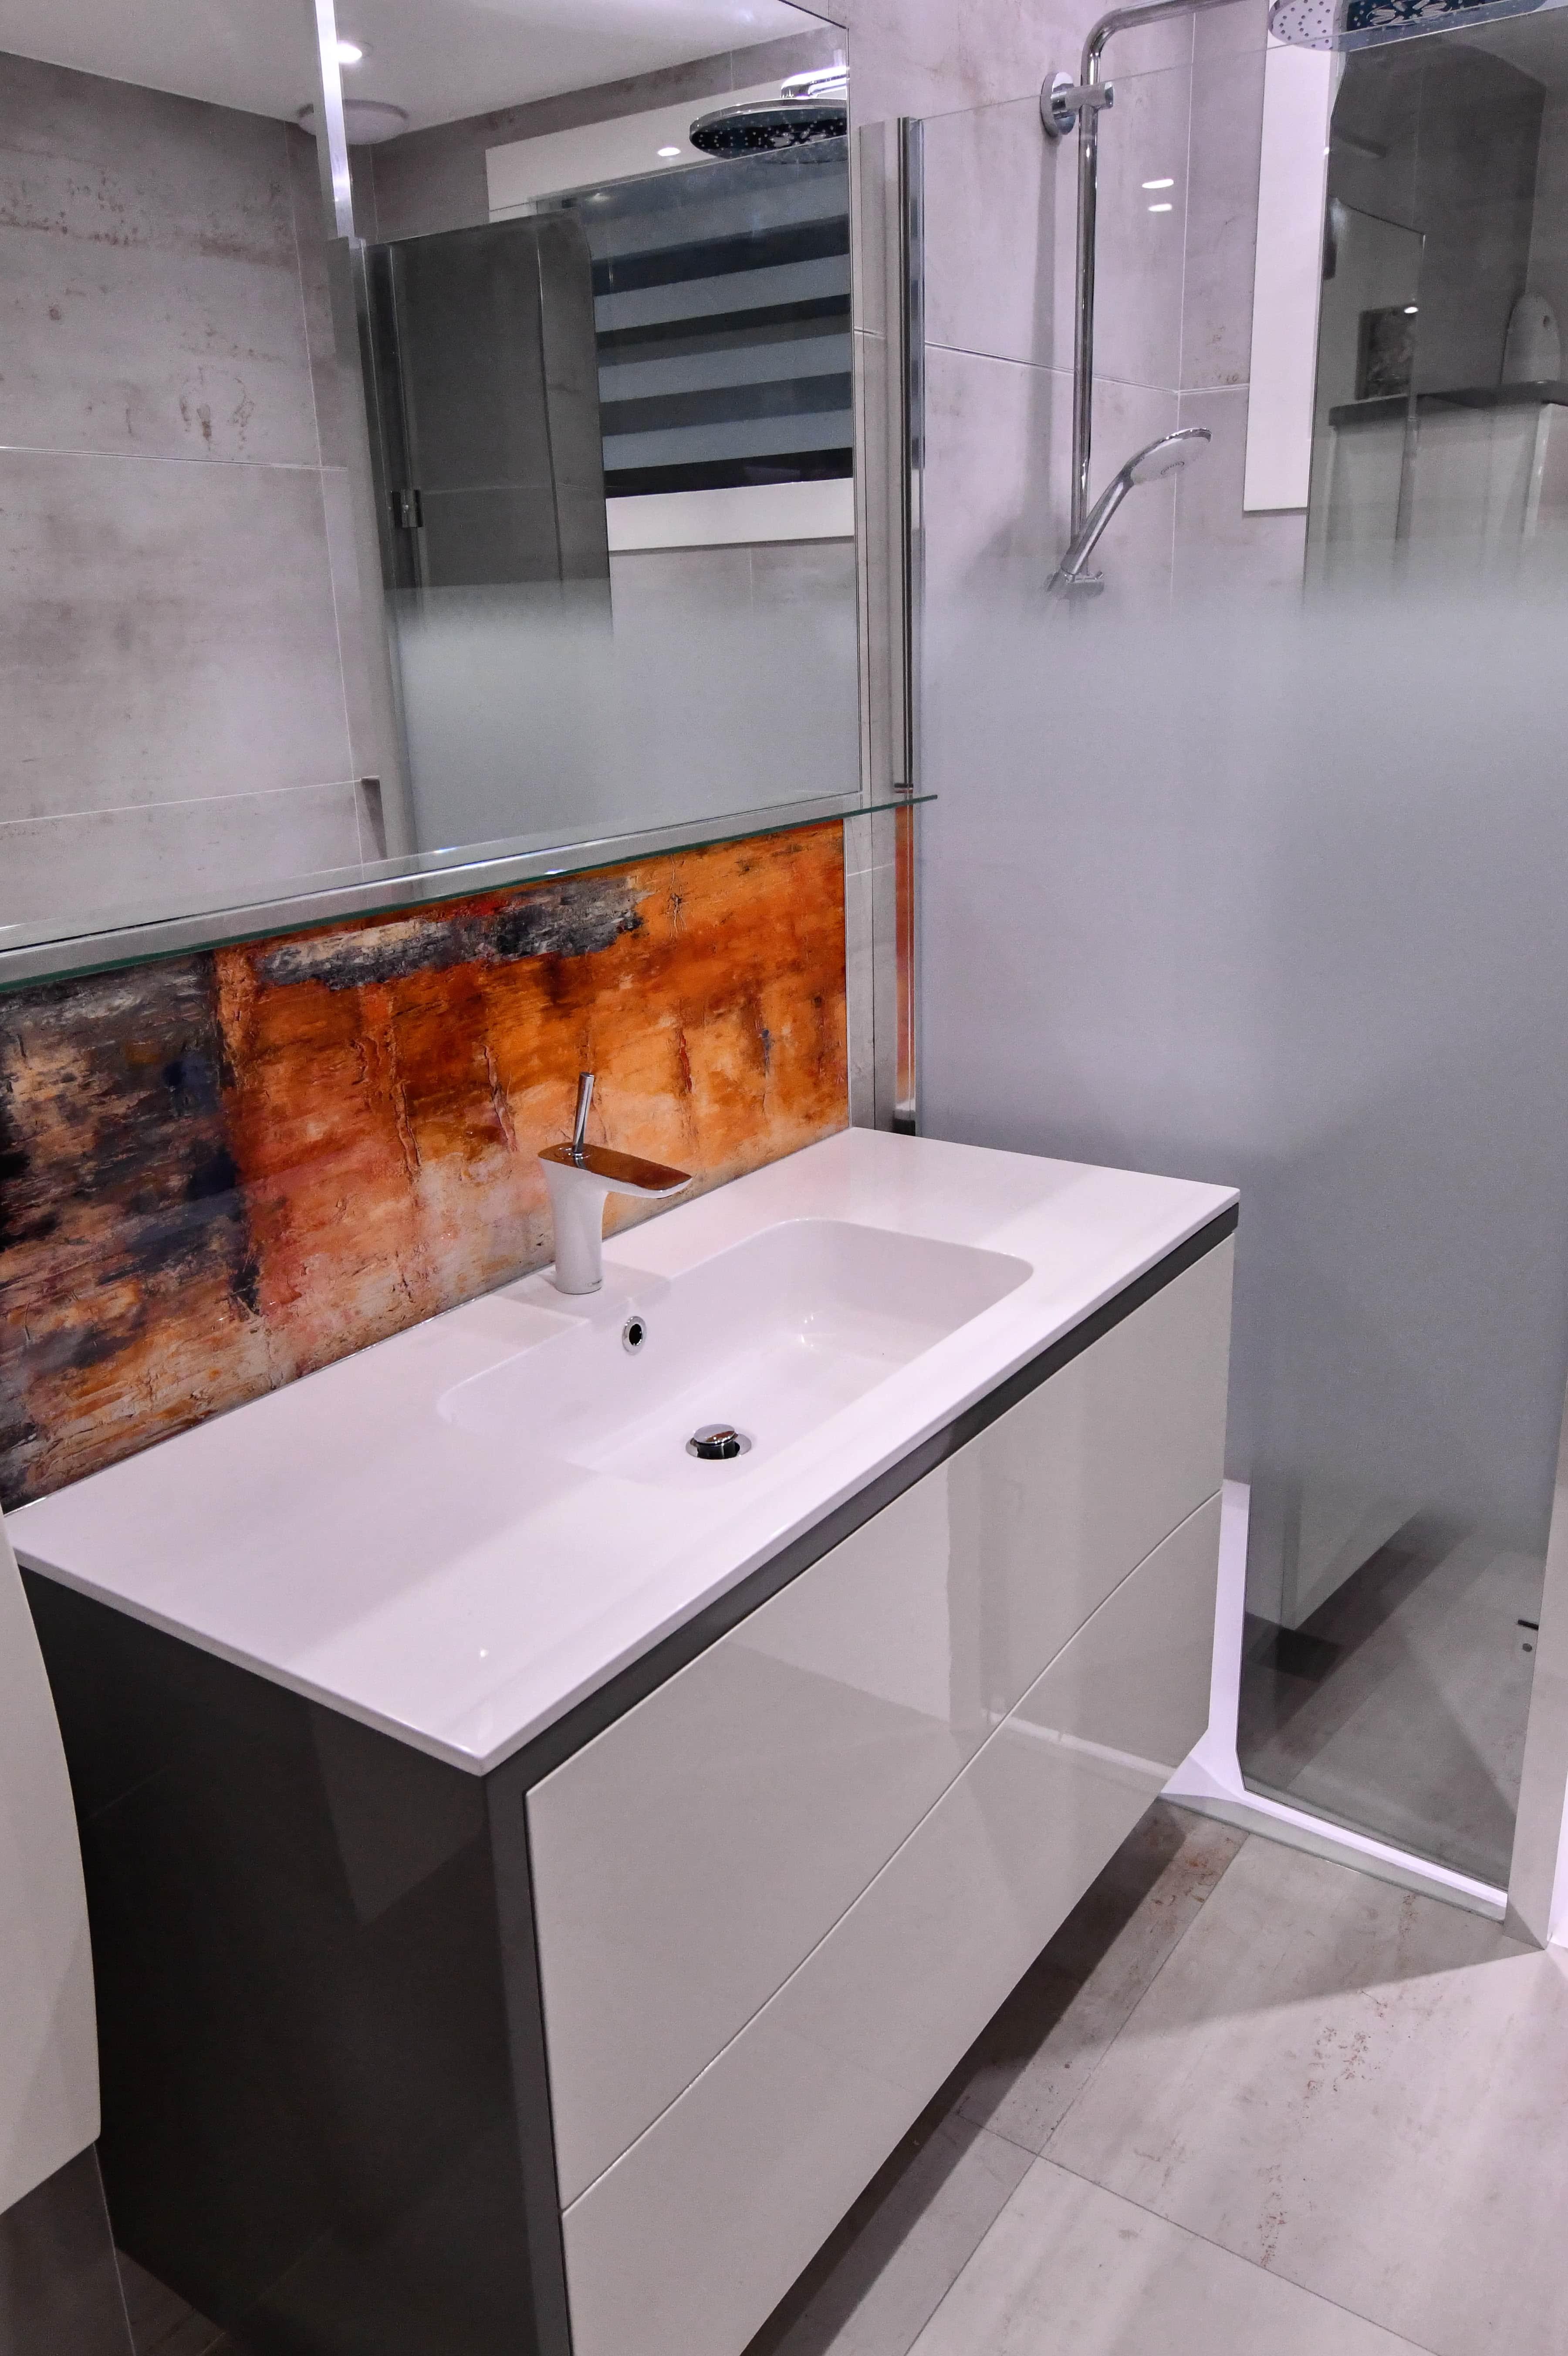 1 Salle de bains contemporaine aux lignes courbées 8 - Salle de bains contemporaine aux lignes courbées